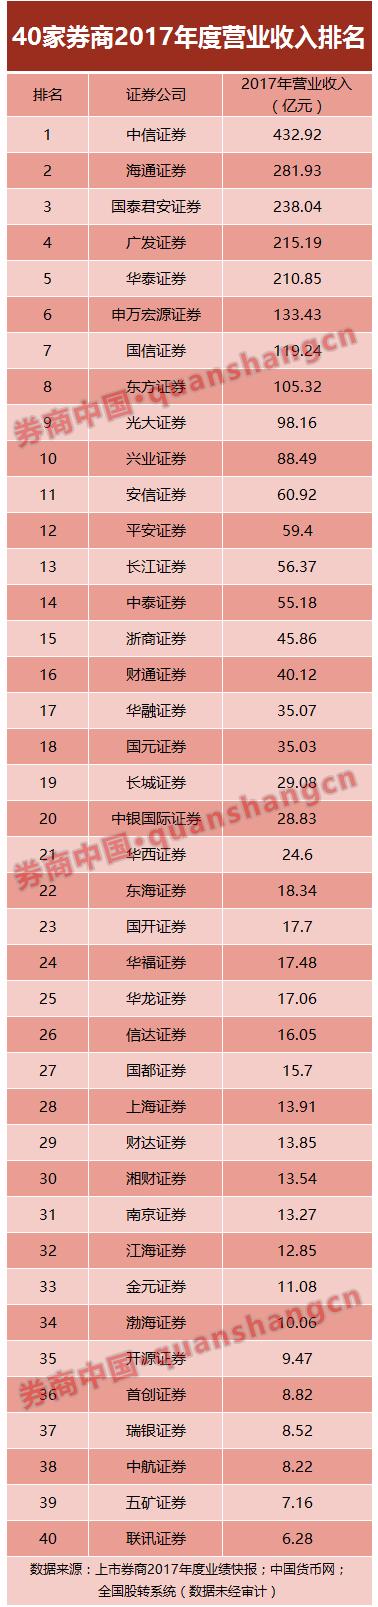 40家券商2017业绩排名抢鲜看:中信国君华泰位居